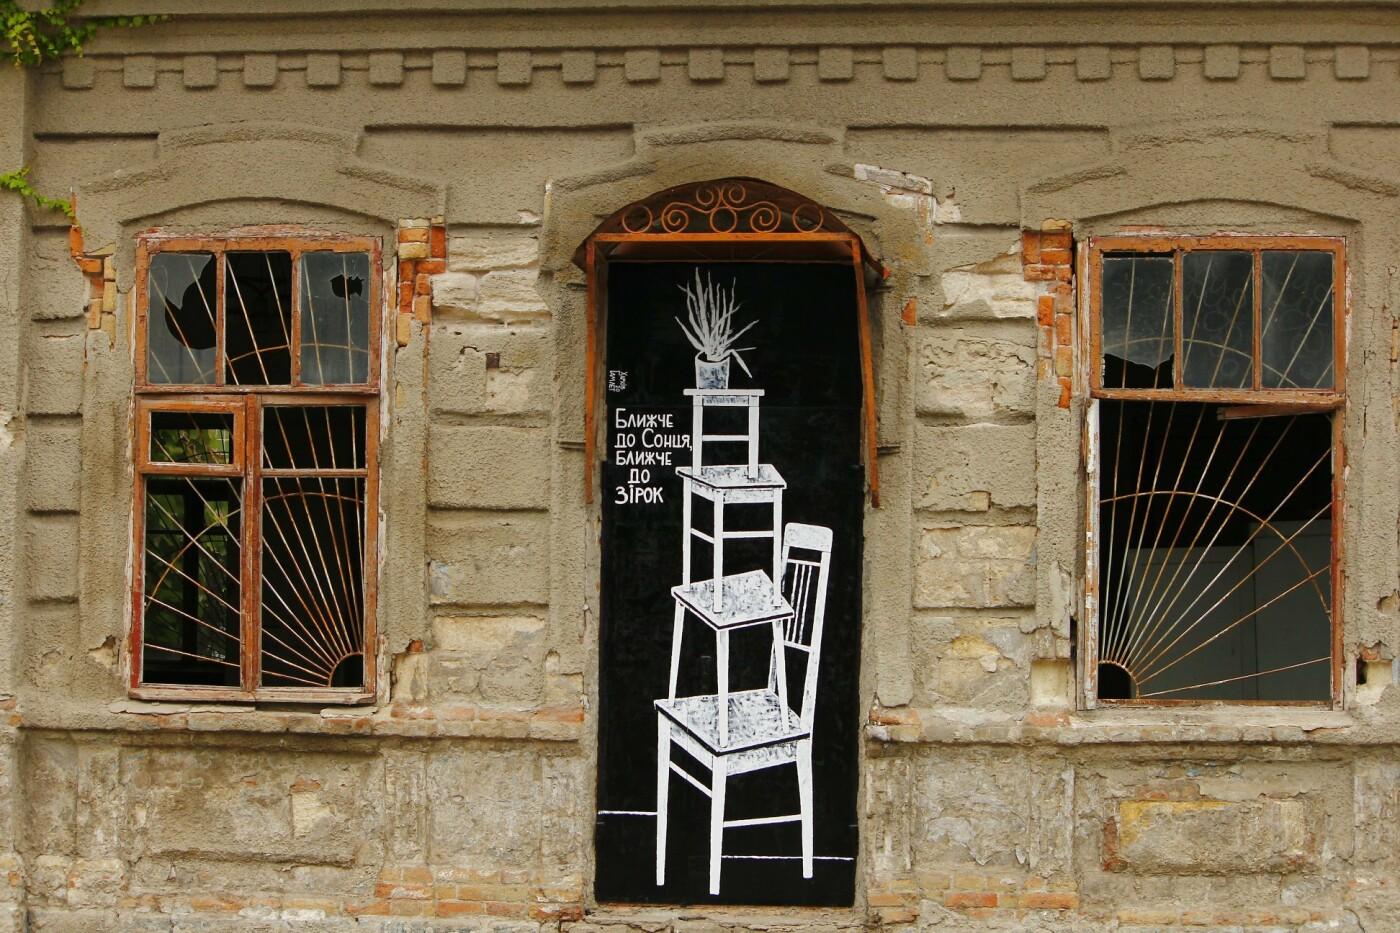 Подборка работ Гамлета Зиньковского в Бердянске, фото-5